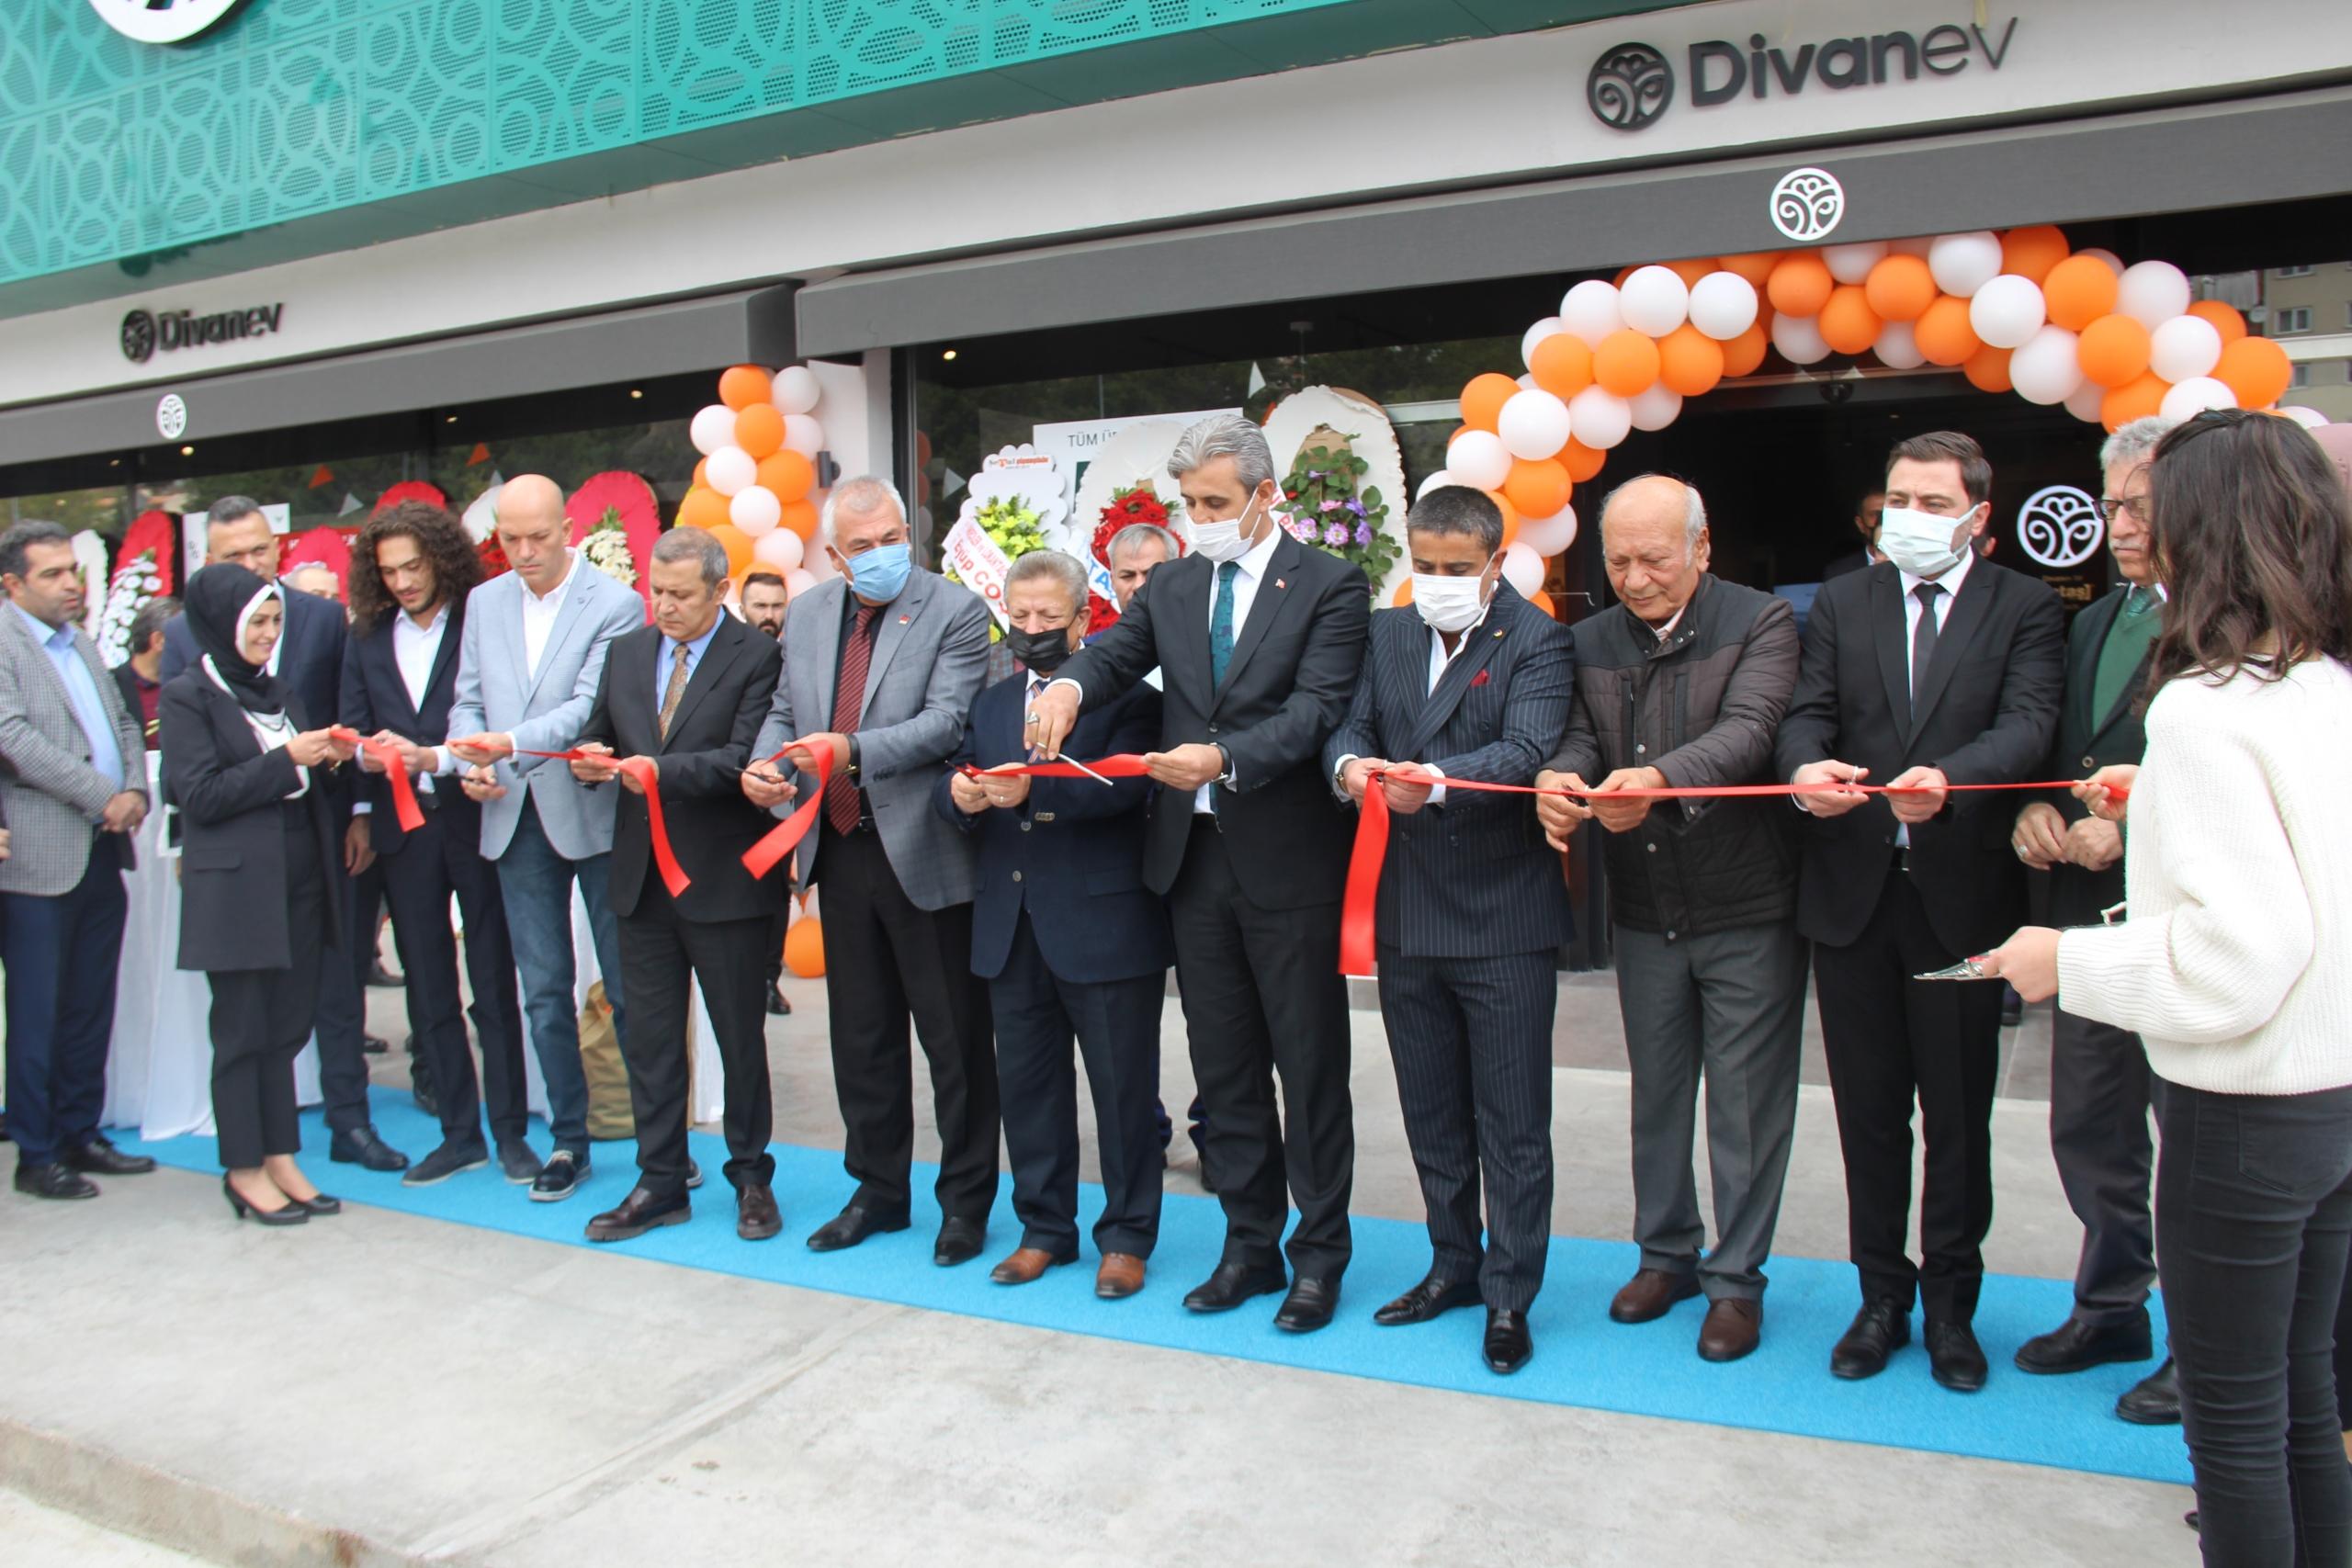 Divanev Yozgat Mağazası açıldı